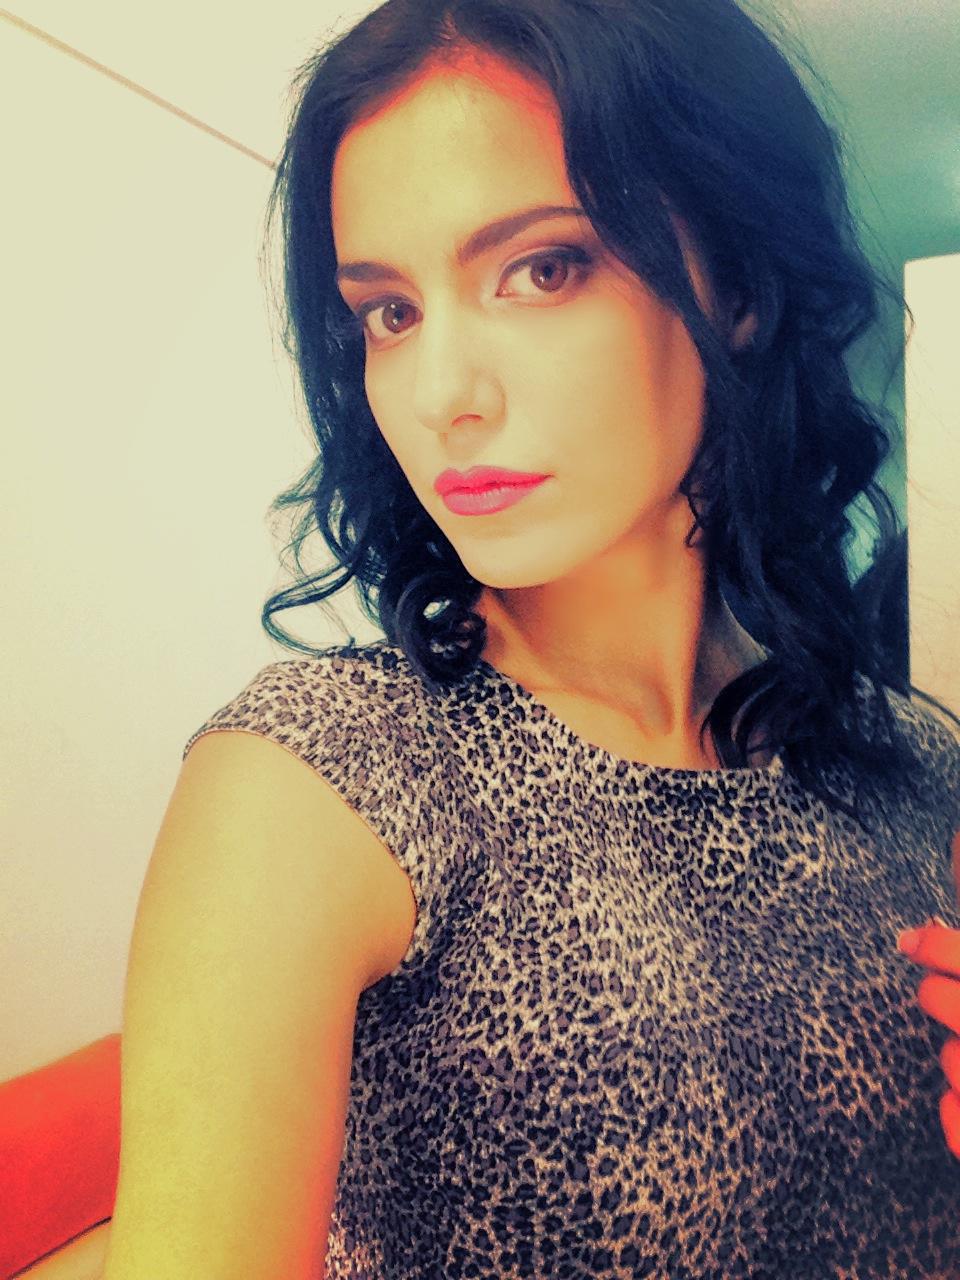 Анна Седельникова. Фотография с сайта maximonline.ru